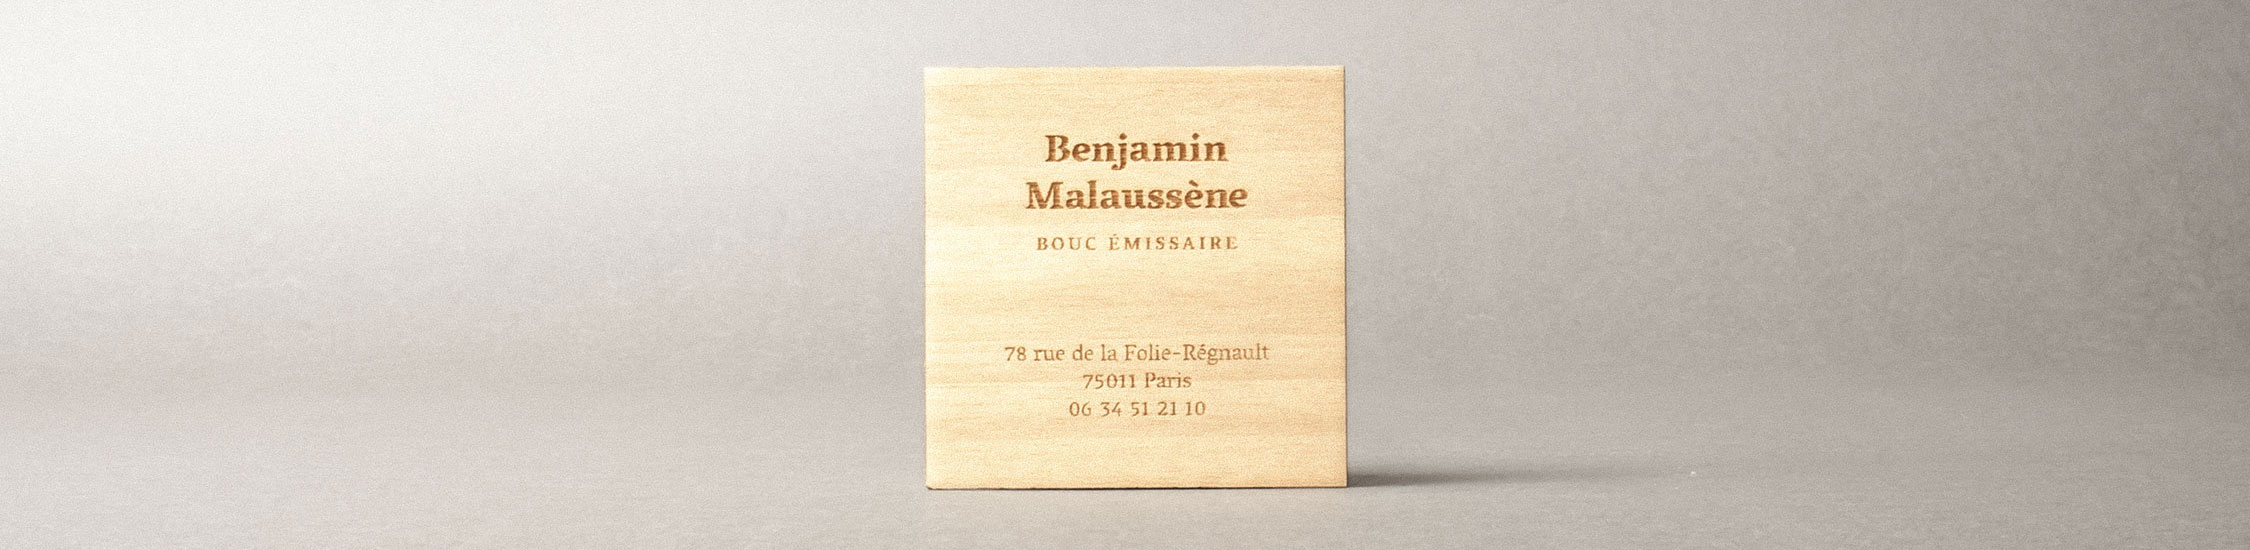 cartes de visite en bois